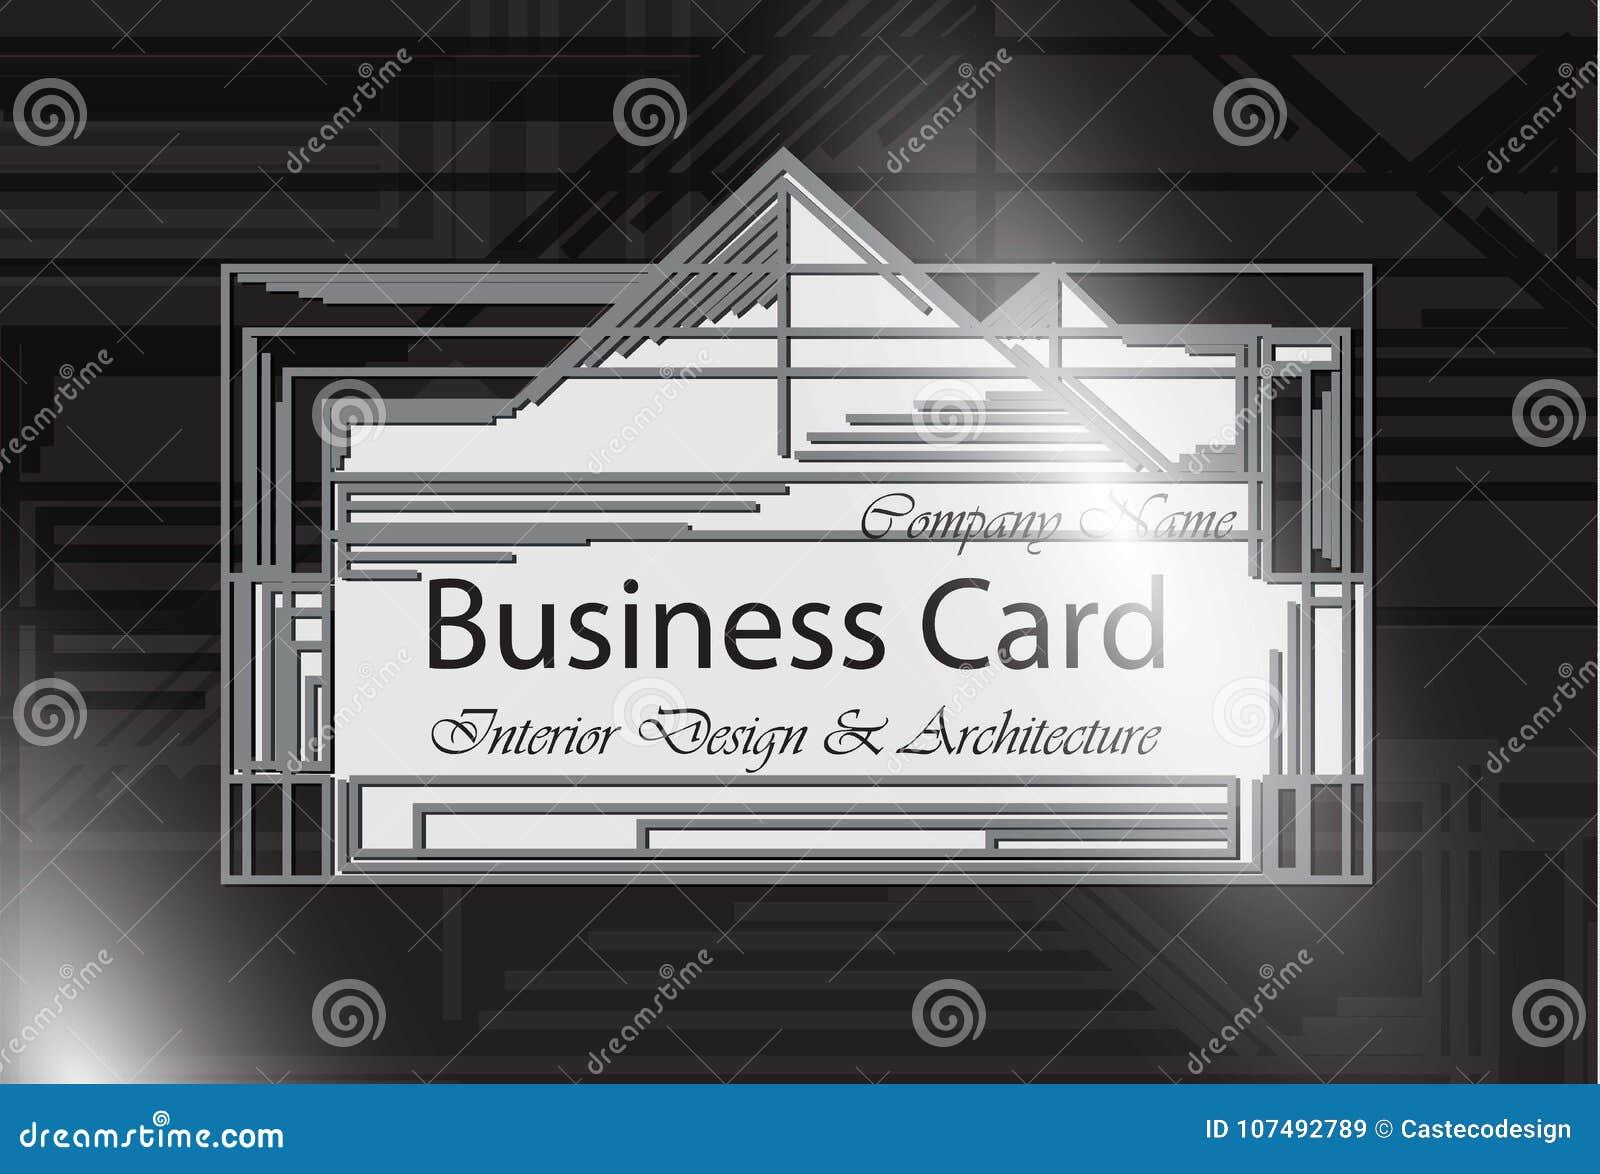 Conception Interieure Et Architecture De Carte Visite Professionnelle Couleur Noire Milieux Modernes Abstraits